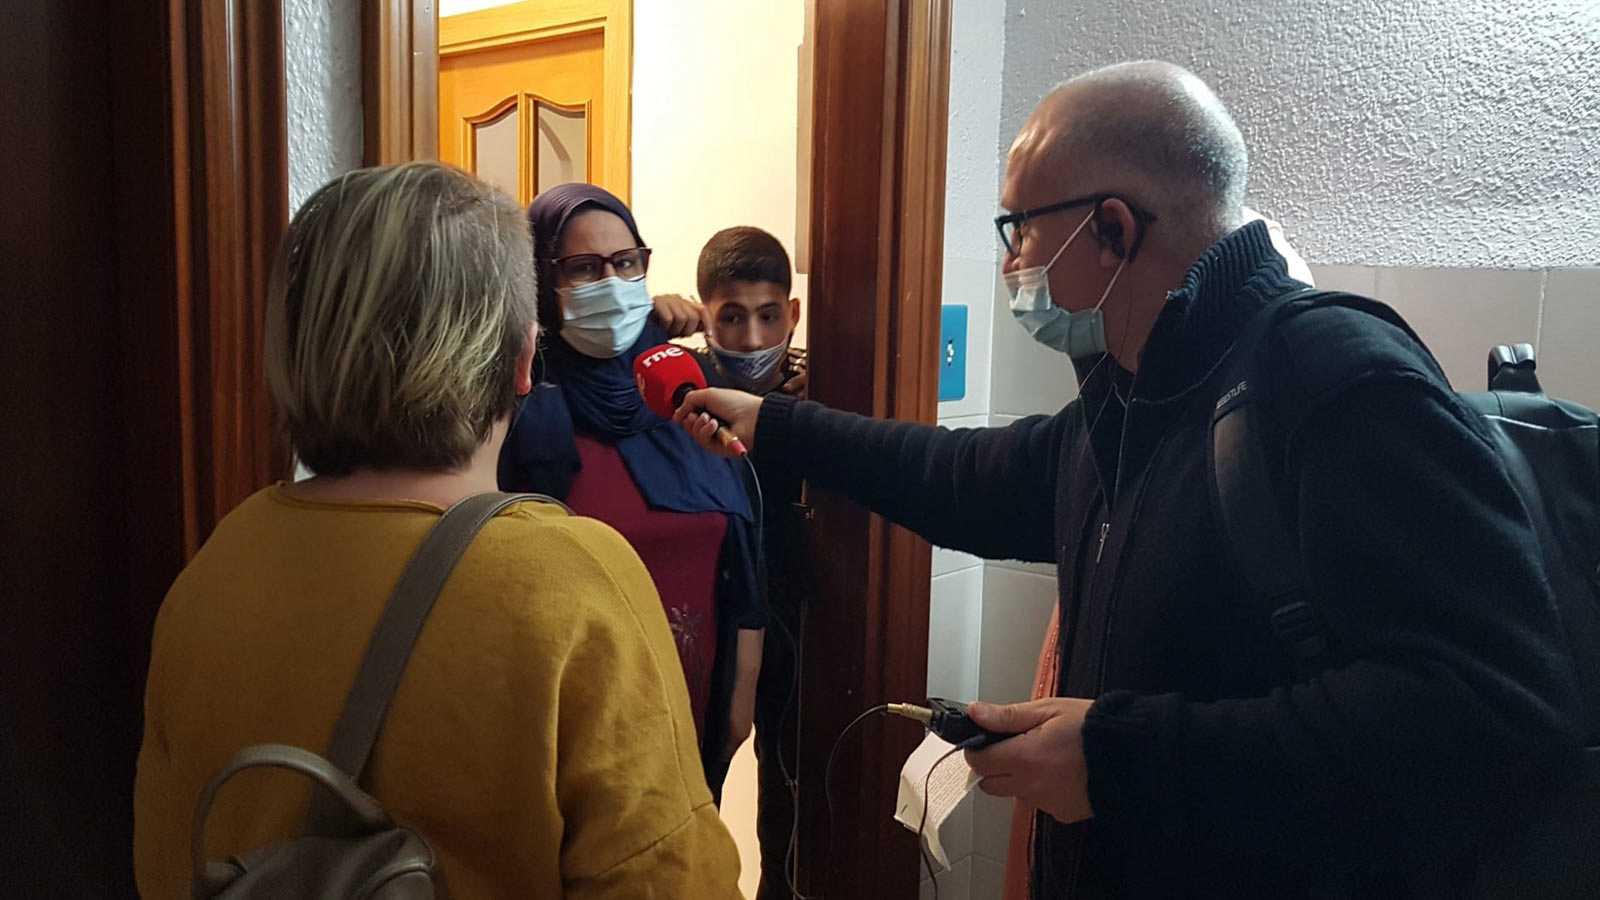 Després del col·lapse - Els Picaportes de Sabadell, un salvavides a la pobresa - 08/06/21 - escoltar ara -